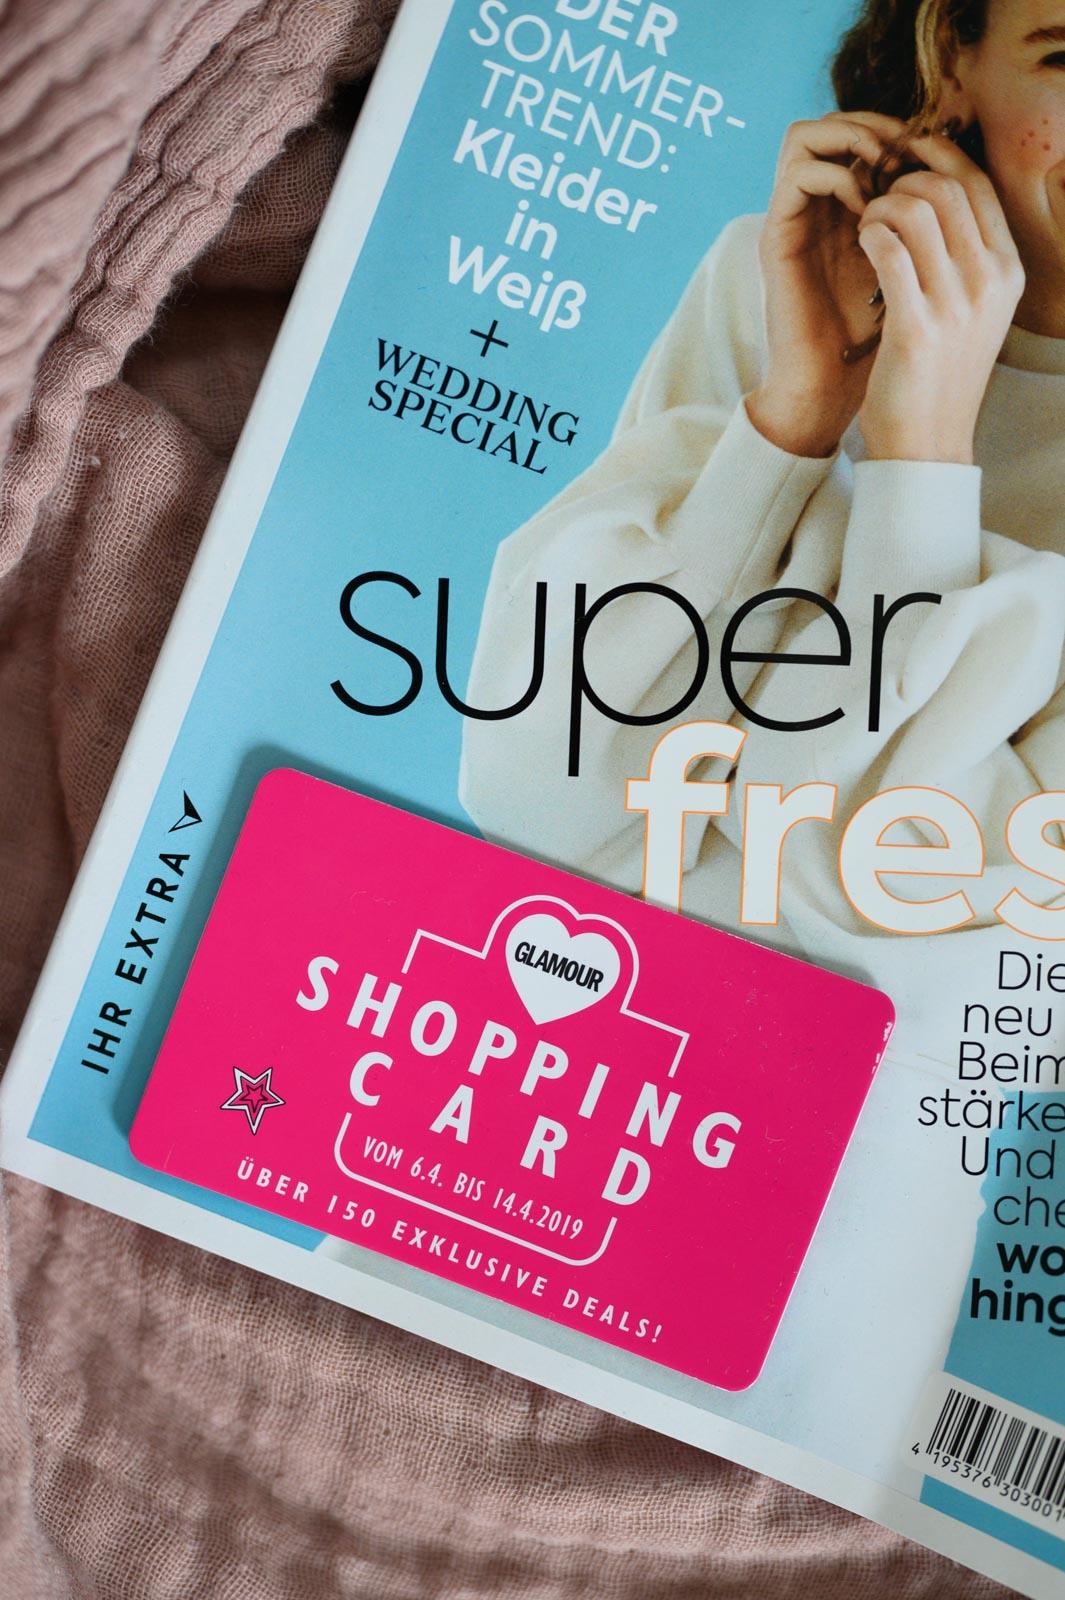 Glamour Shopping Week Code